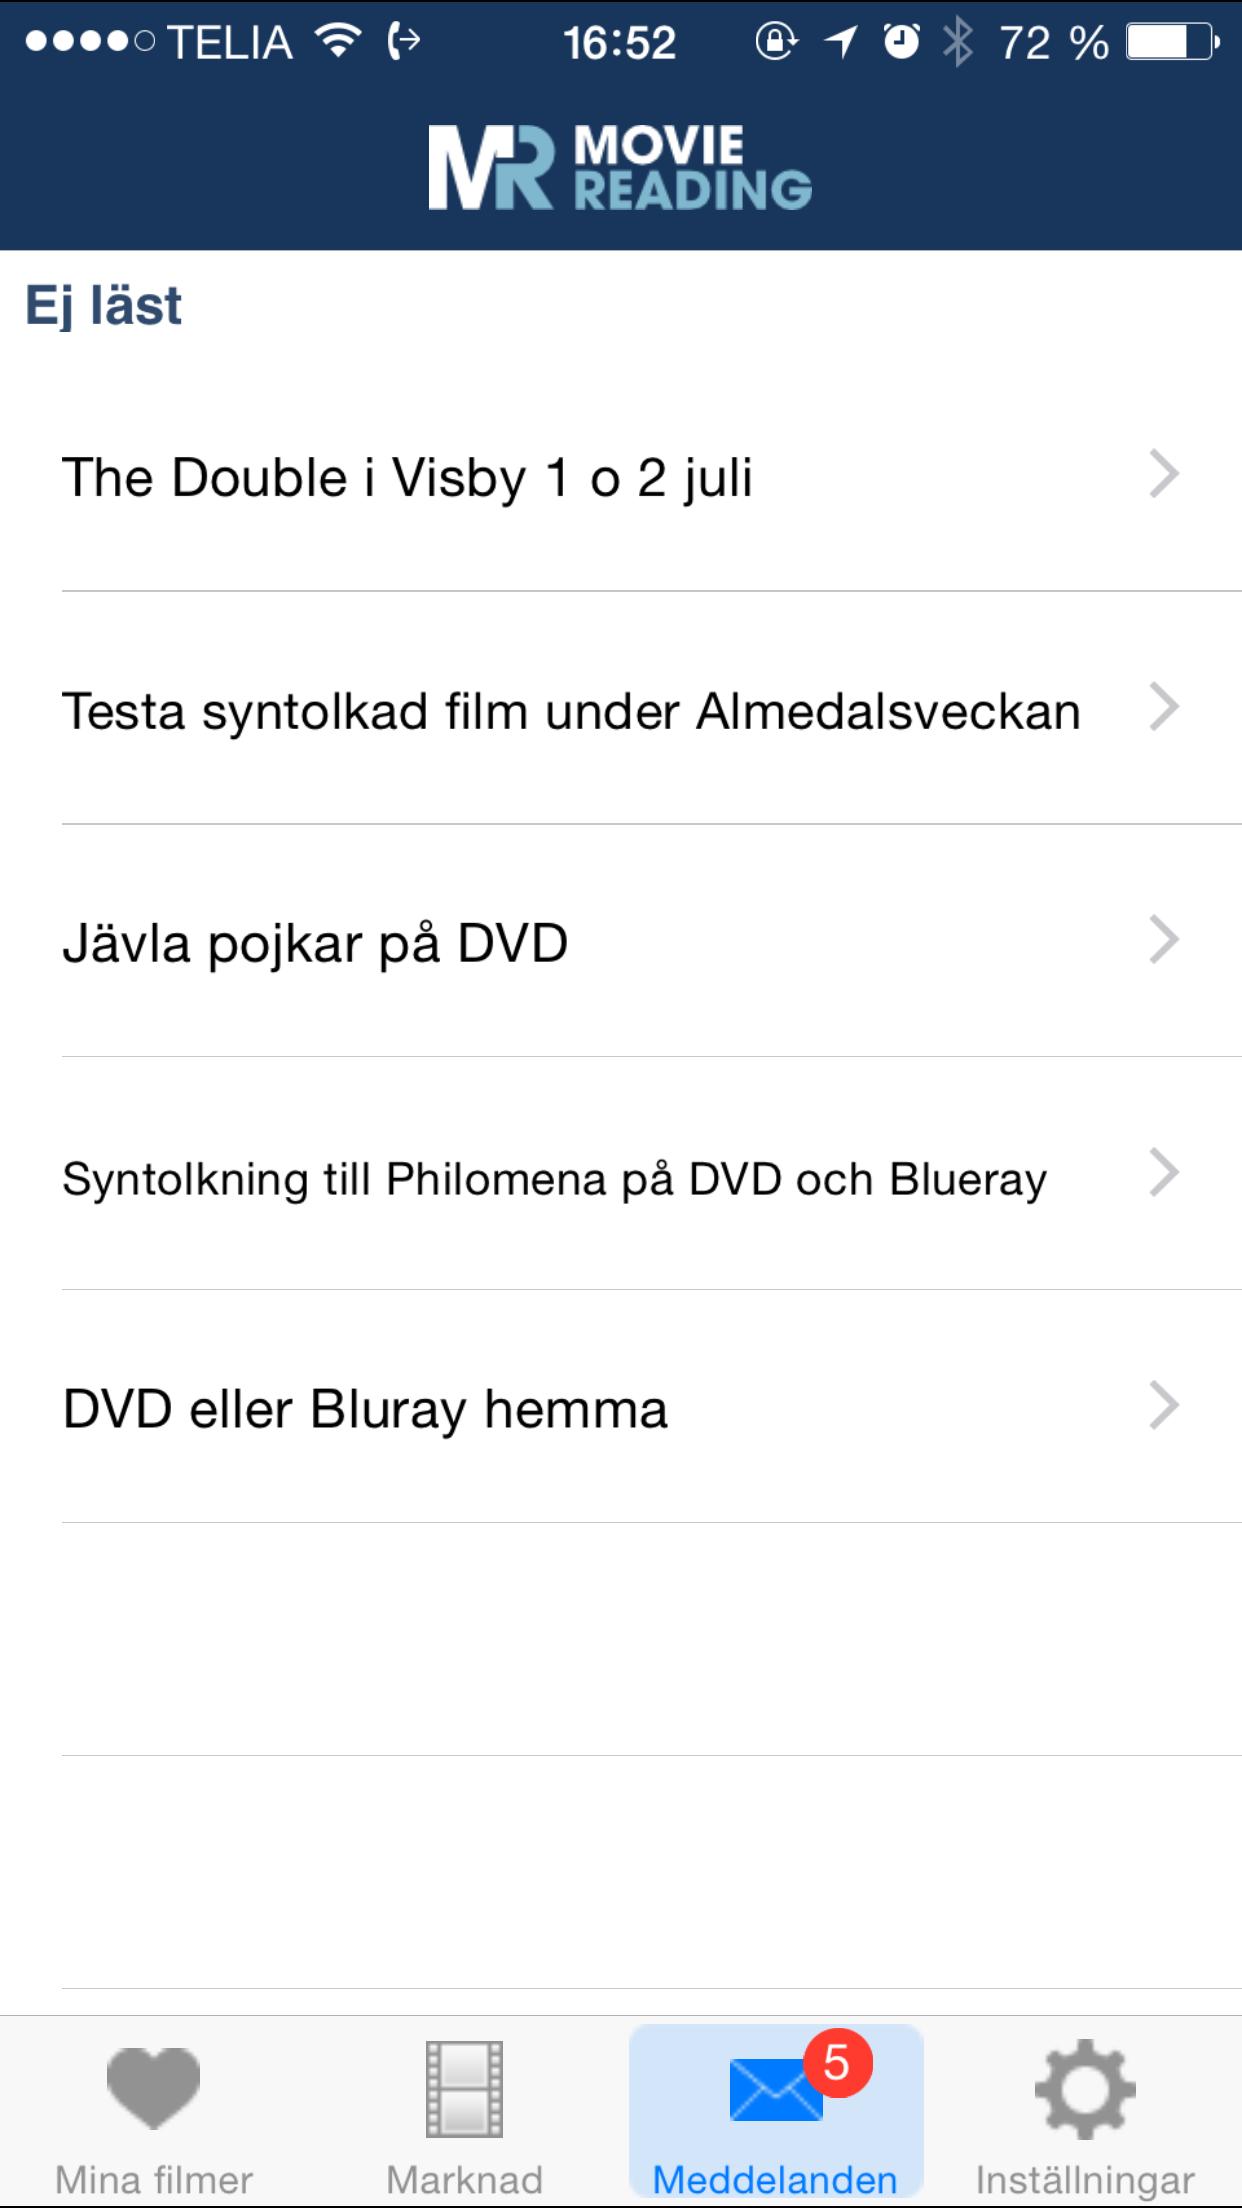 Bild: Skärmdump 1